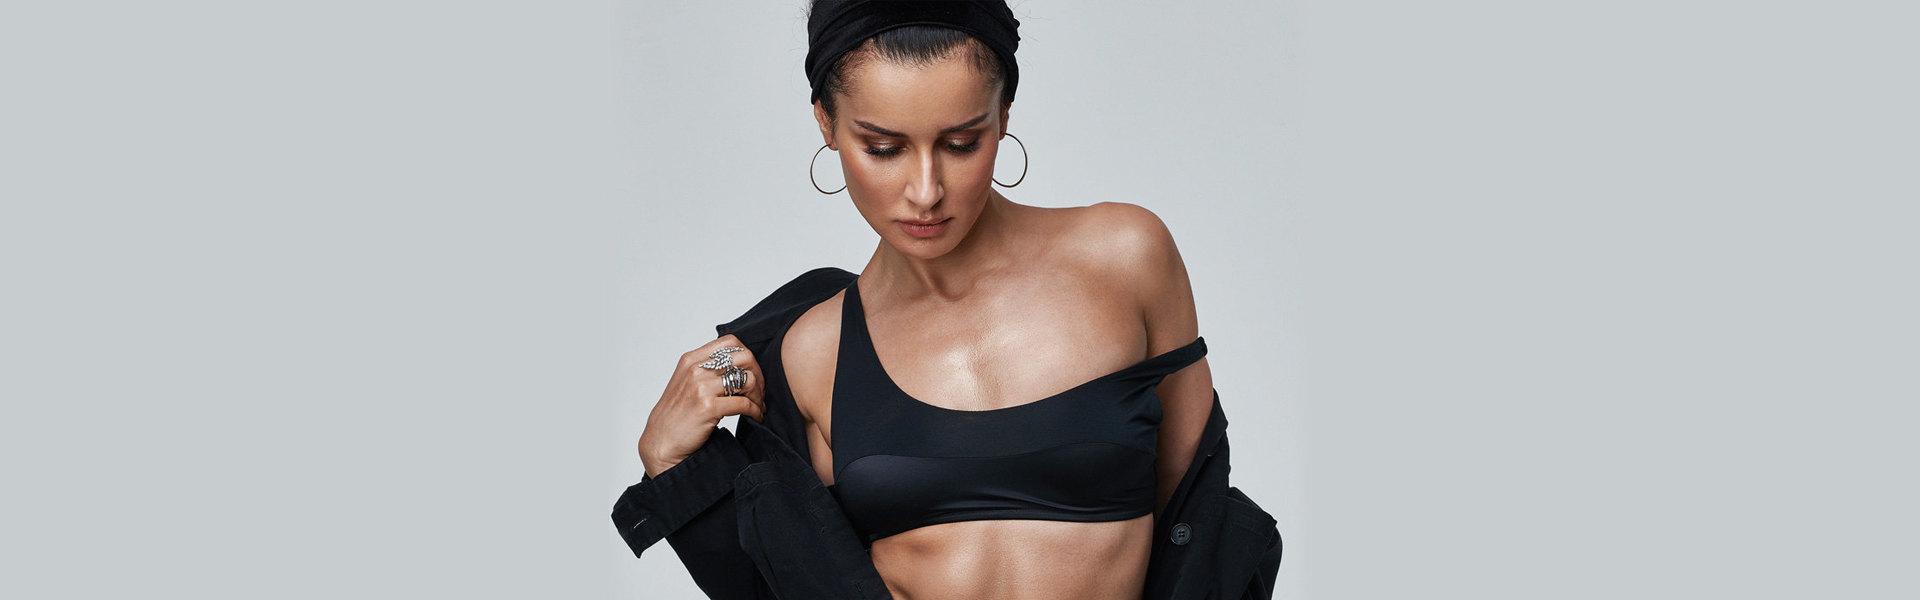 5 советов от Тины Канделаки, как сохранить идеальную кожу и подтянутые мышцы в любом возрасте